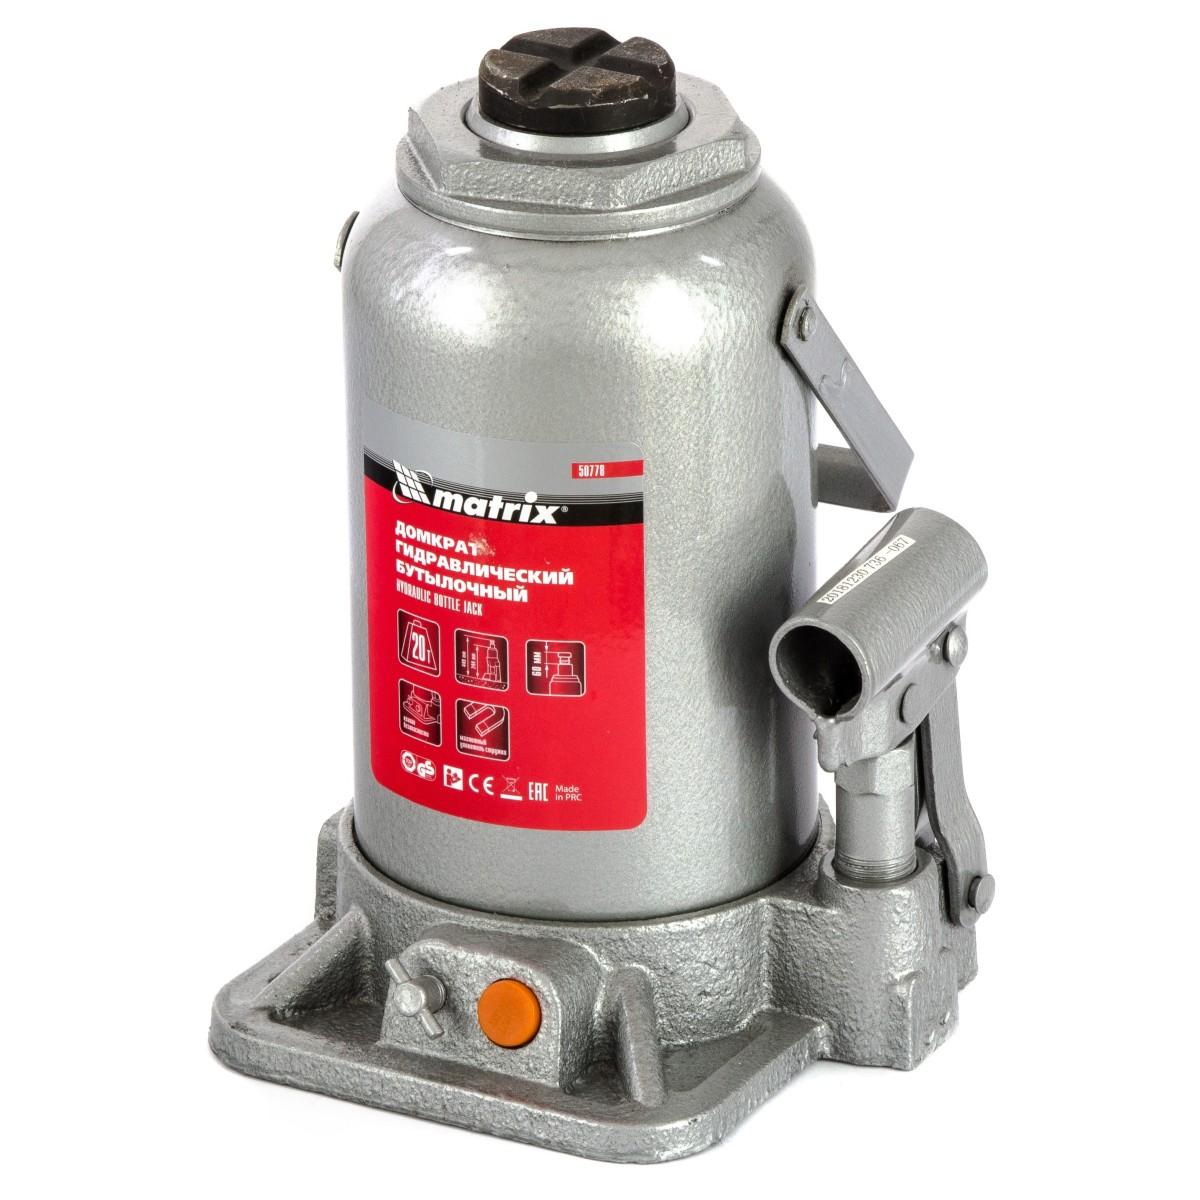 Домкрат гидравлический бутылочный Matrix грузоподъёмность до 20 тонн высота подъёма 244-449 мм